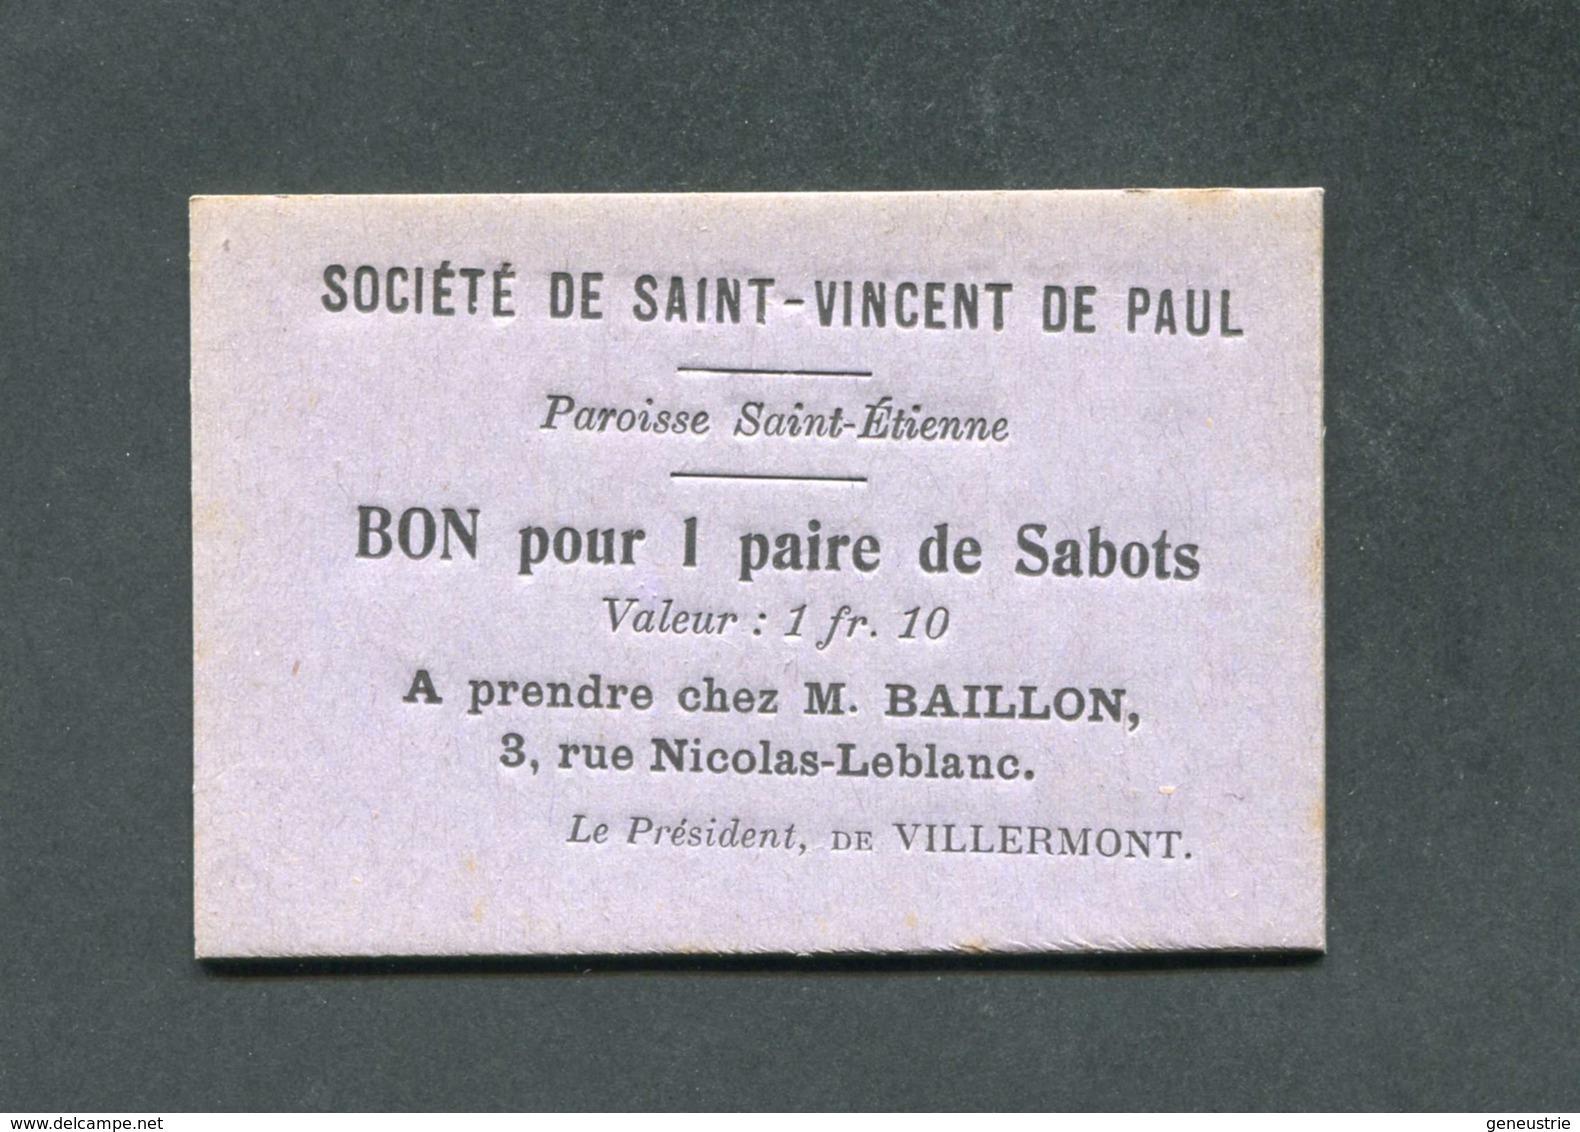 WWI Monnaie De Nécessité Carton Localisé à Bourges (Cher) Bon Pour 1 Paire De Sabots / Sté St Vincent De Paul Jeton WW1 - Monétaires / De Nécessité